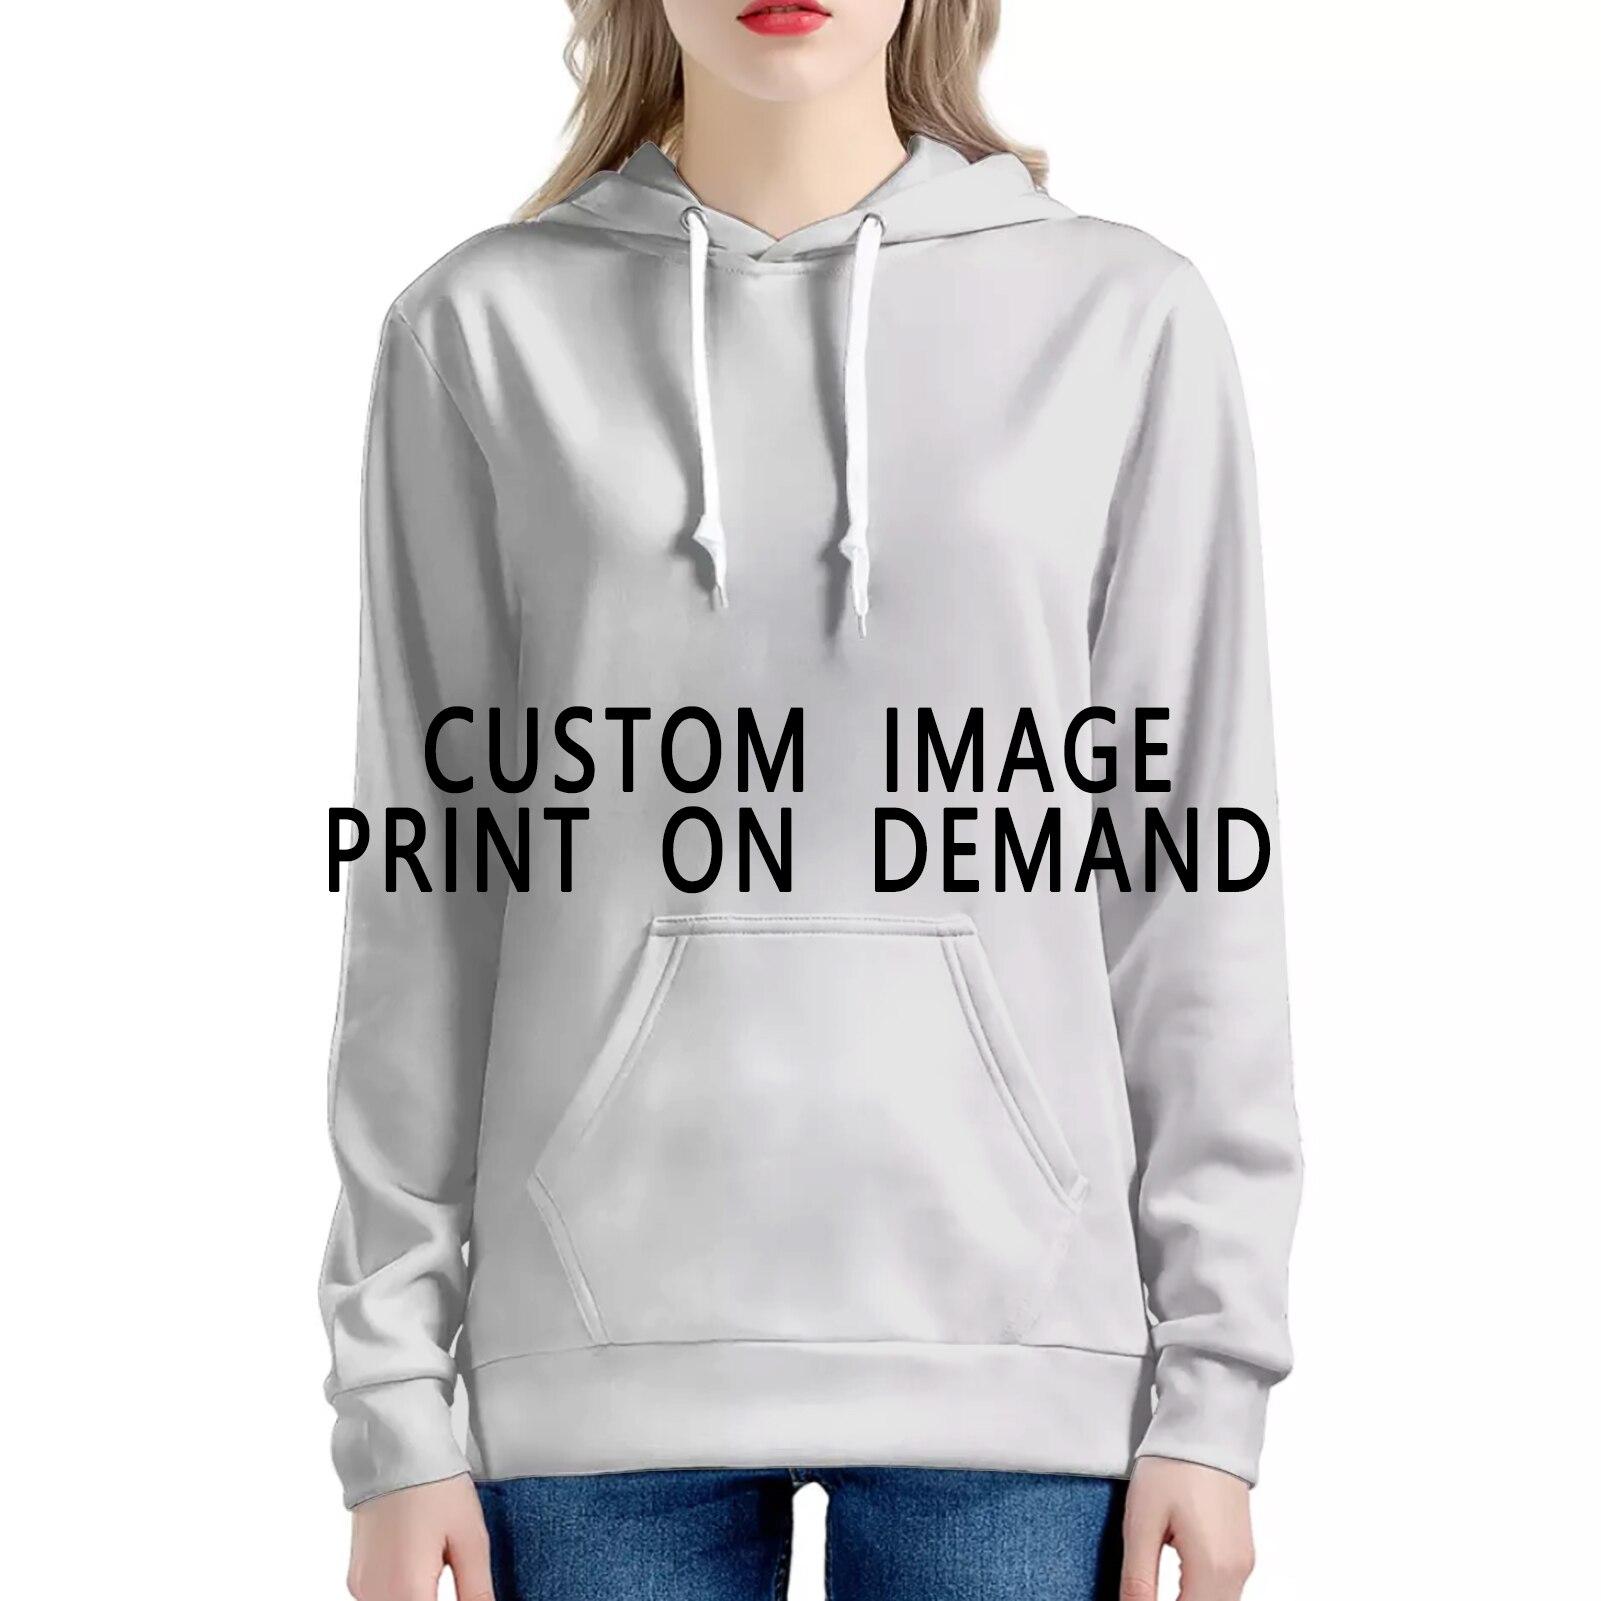 Толстовки с капюшоном с логотипом текстом и фотографией на заказ, мужские и женские толстовки с персонализированным принтом на заказ, Пряма...